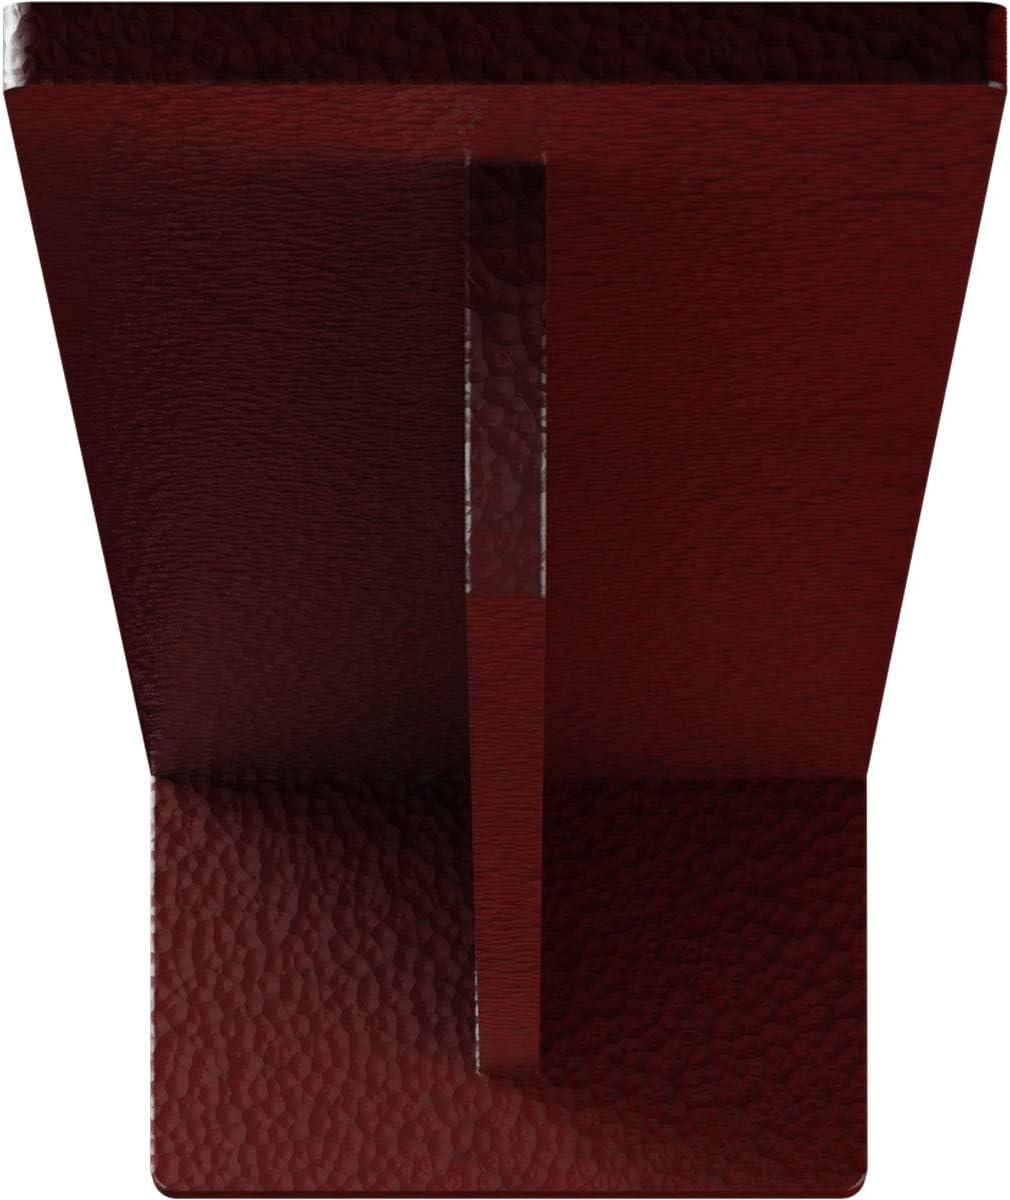 Ekena Millwork Bktm03x14x02hehre Steel Bracket Heaton Hidden Support 3 W X 14 D X 2 H 10 Depth Hammered Bright Red Amazon Com